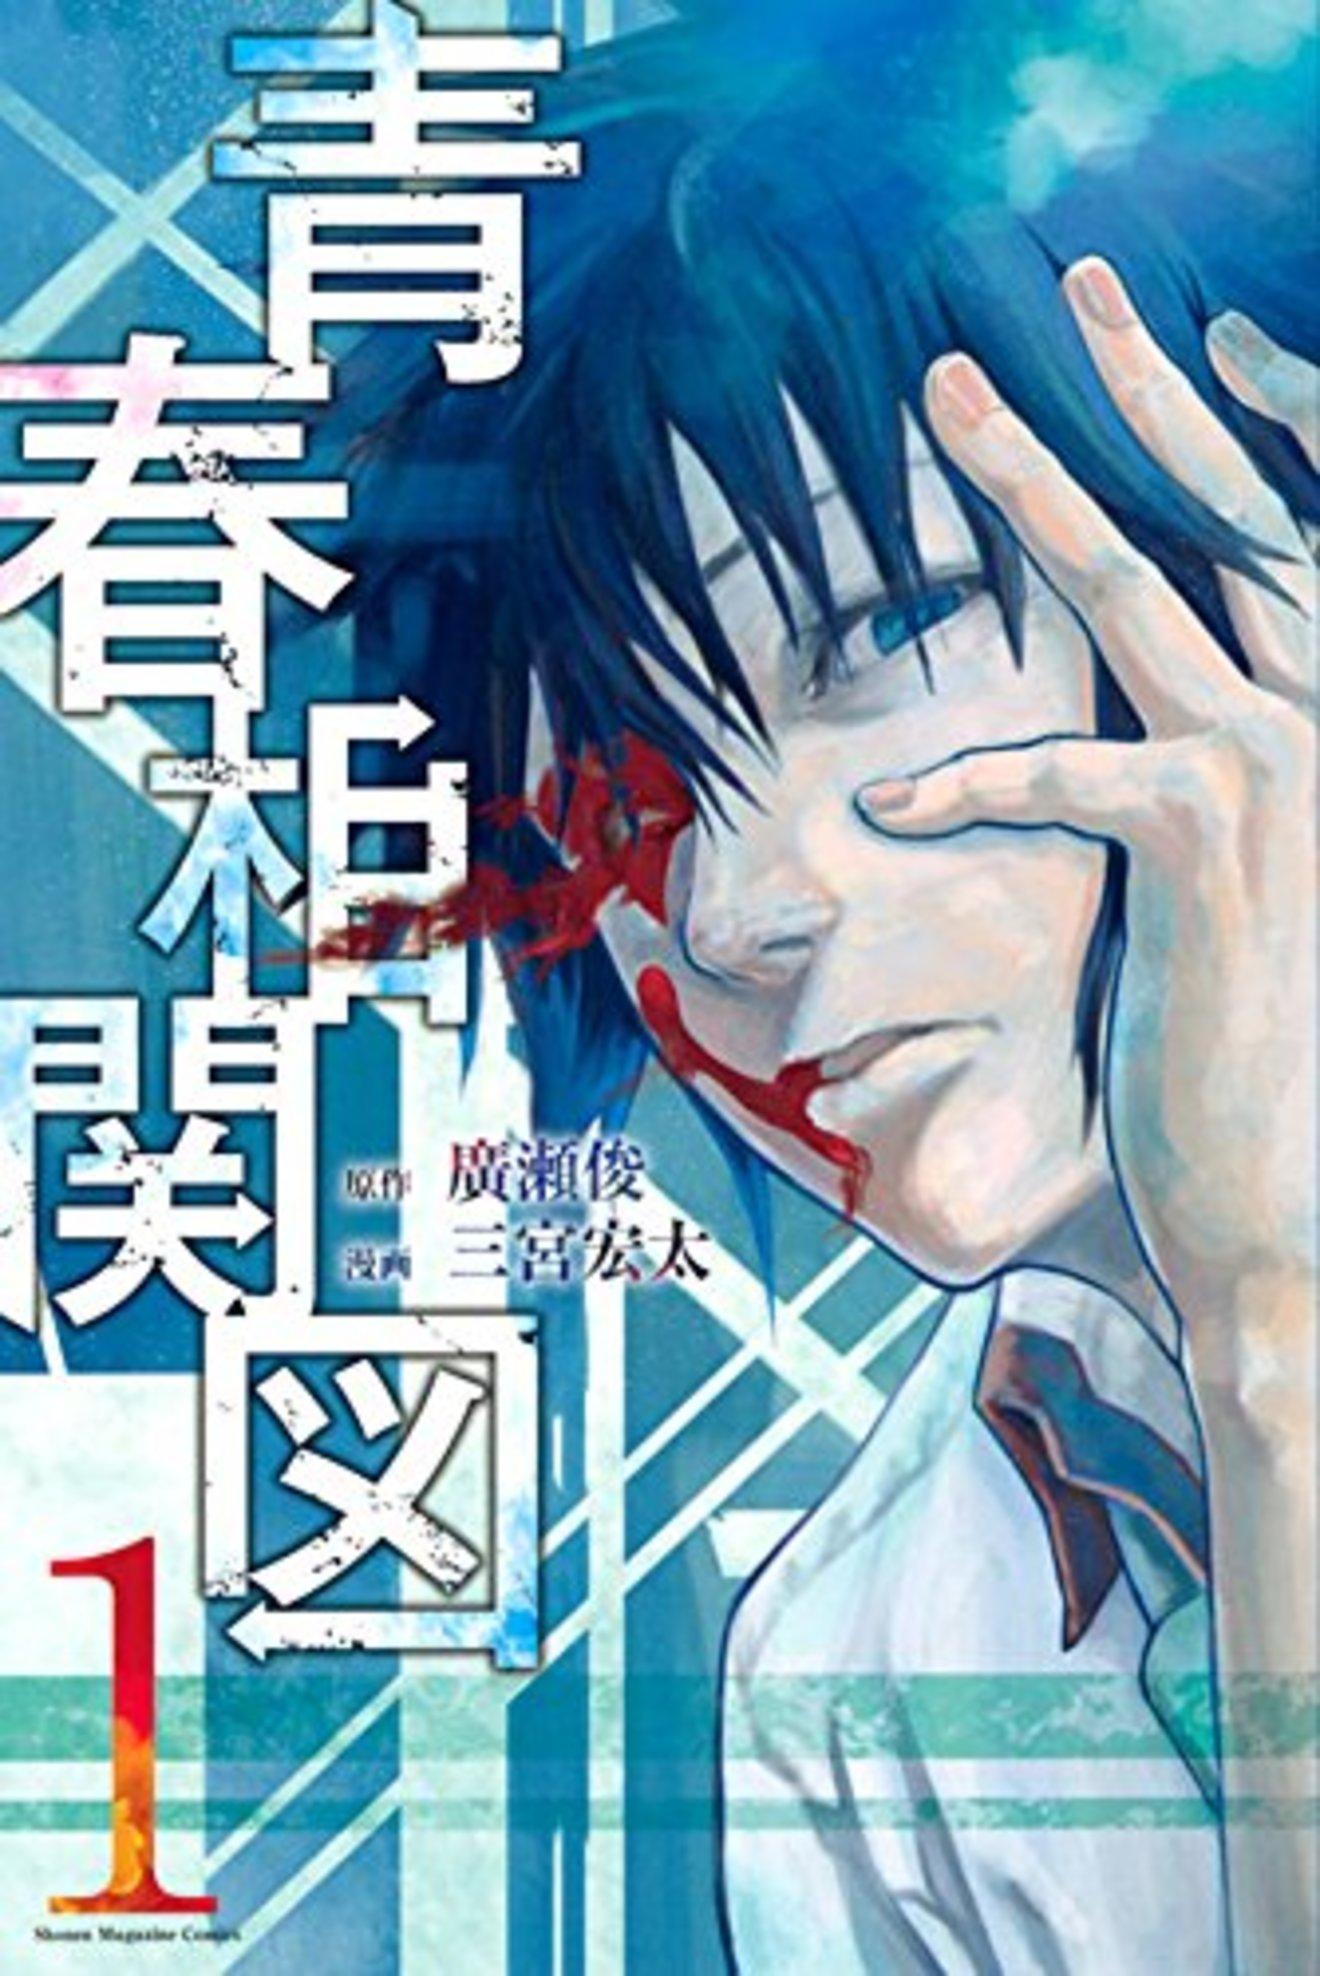 漫画『青春相関図』の圧倒的中毒性がやばい!【ネタバレ注意】